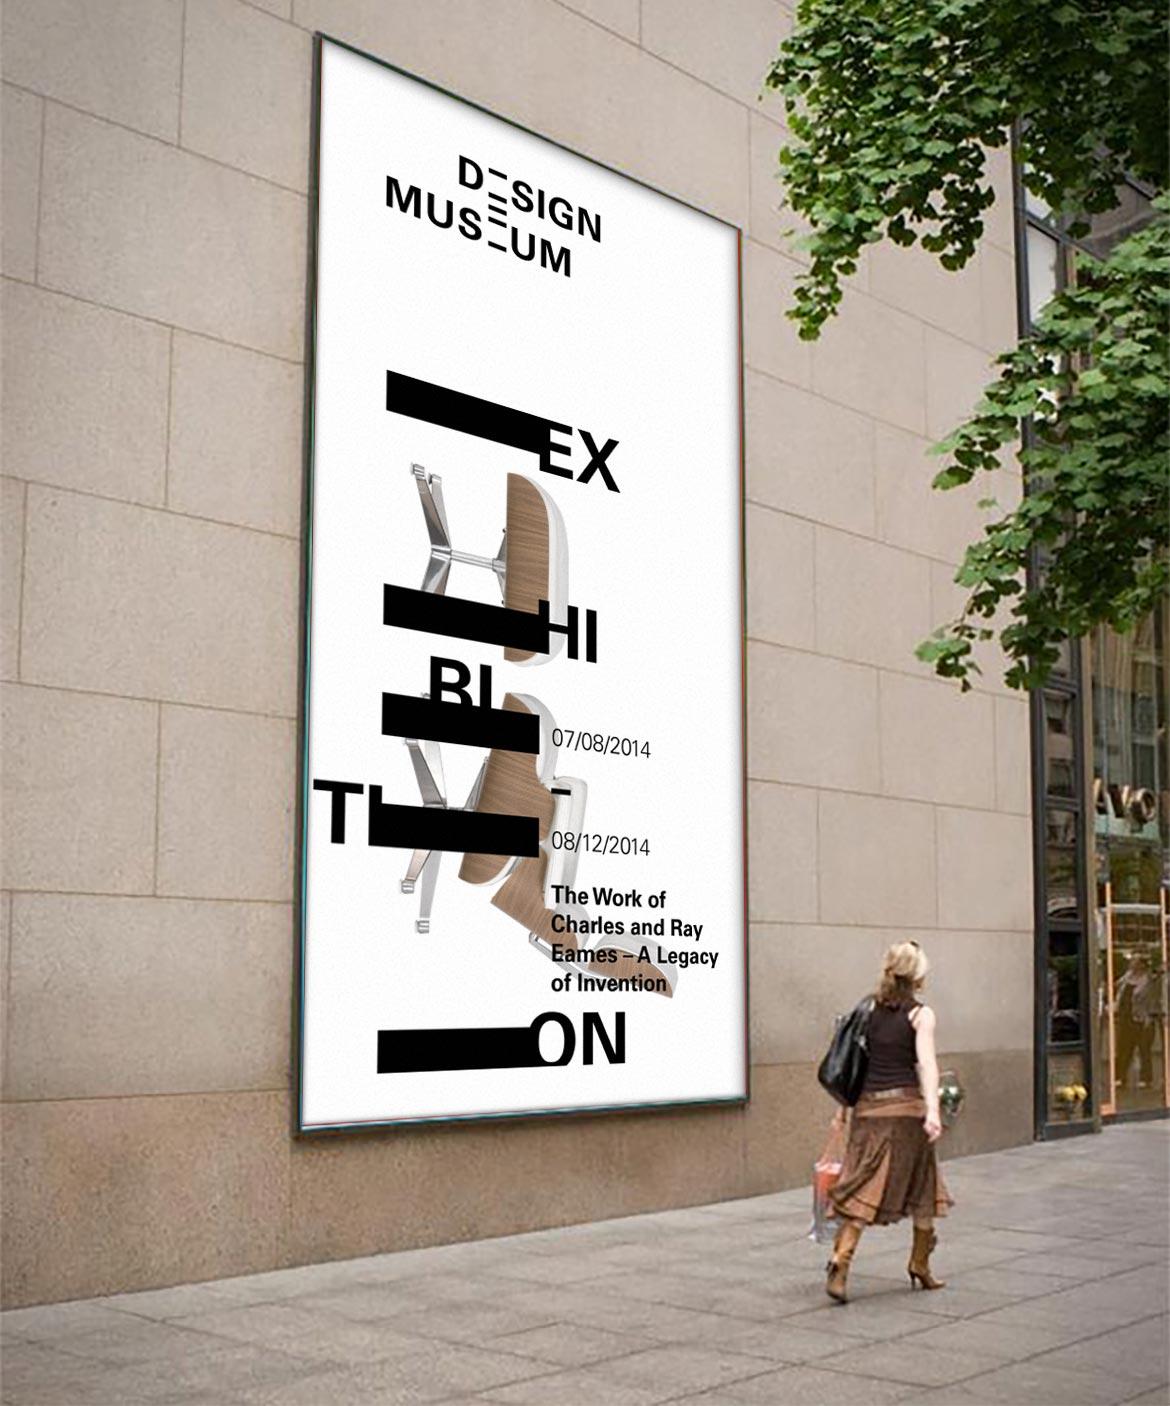 Designmuseum London